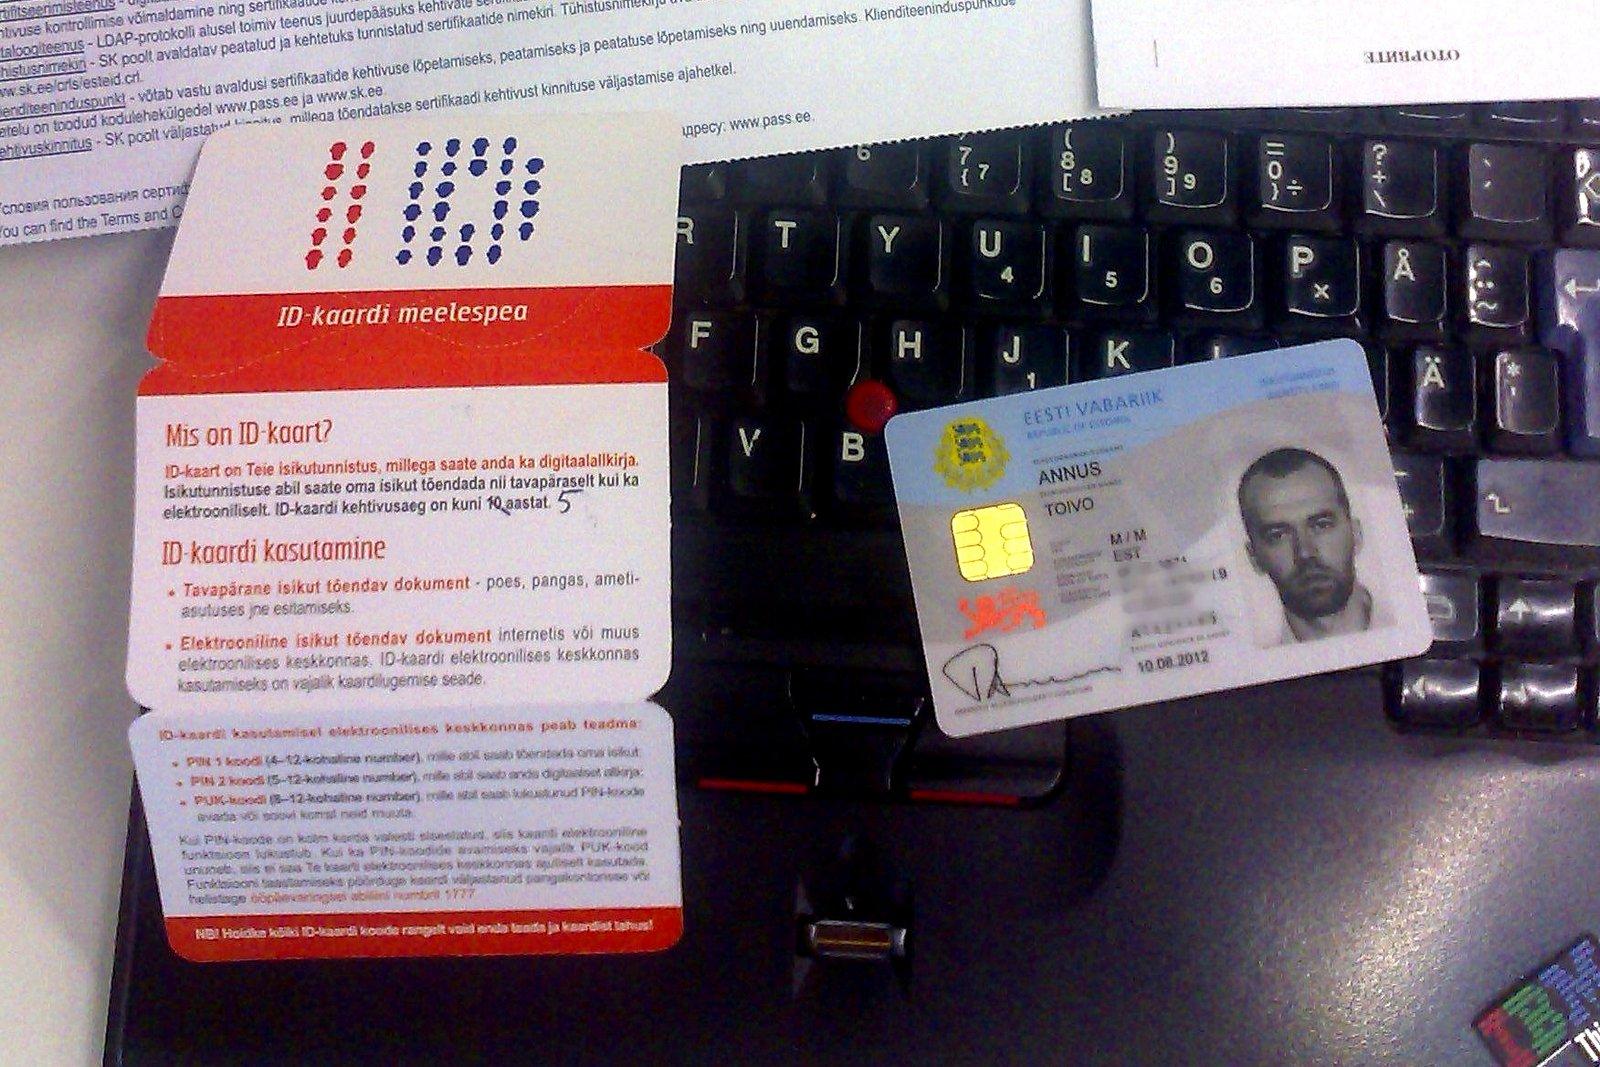 """А ещё с помощью эстонской ID-карточки можно расплачиваться в общественном транспорте, голосовать и даже логиниться в Интернете. Фото: пользователь toivo, """"Фликр""""."""